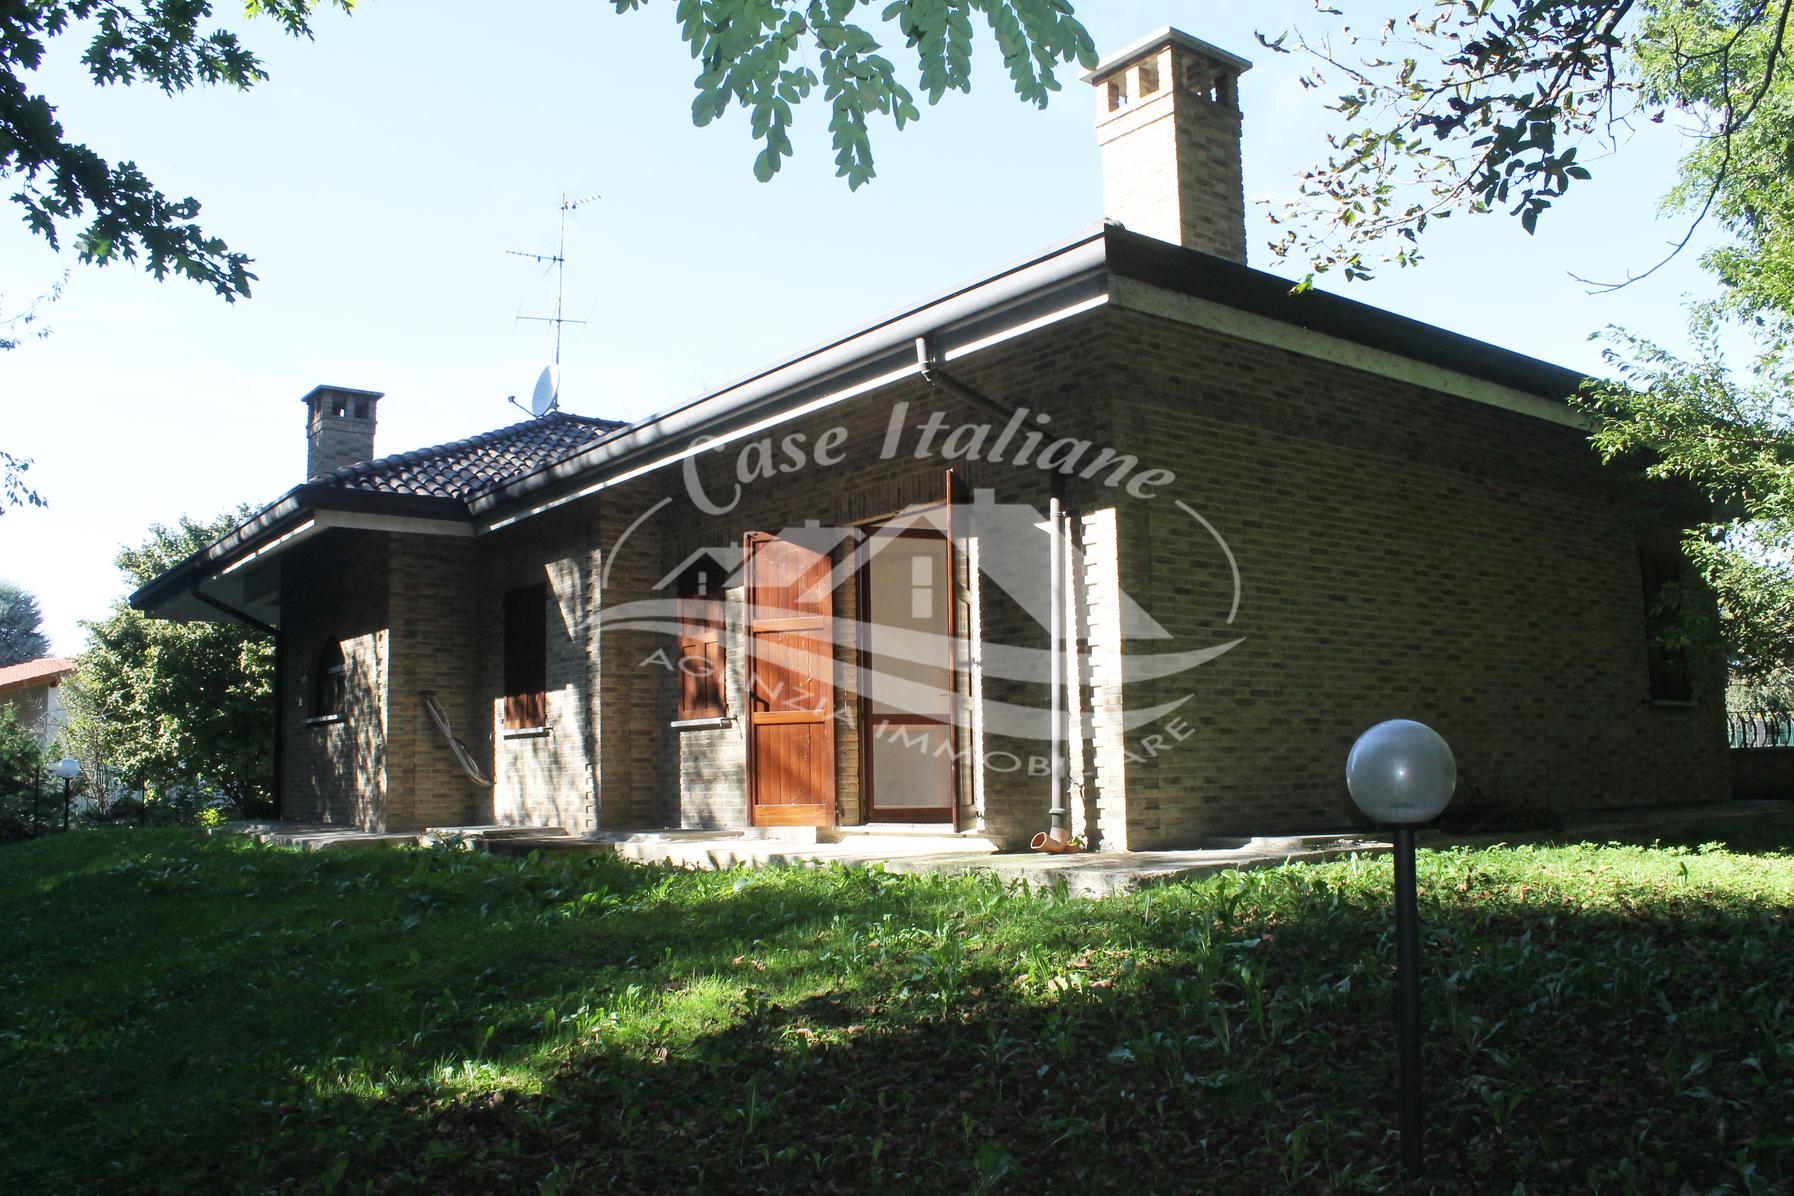 Img 8987 case italiane agenzia immobiliare cant for Case italiane immobiliare